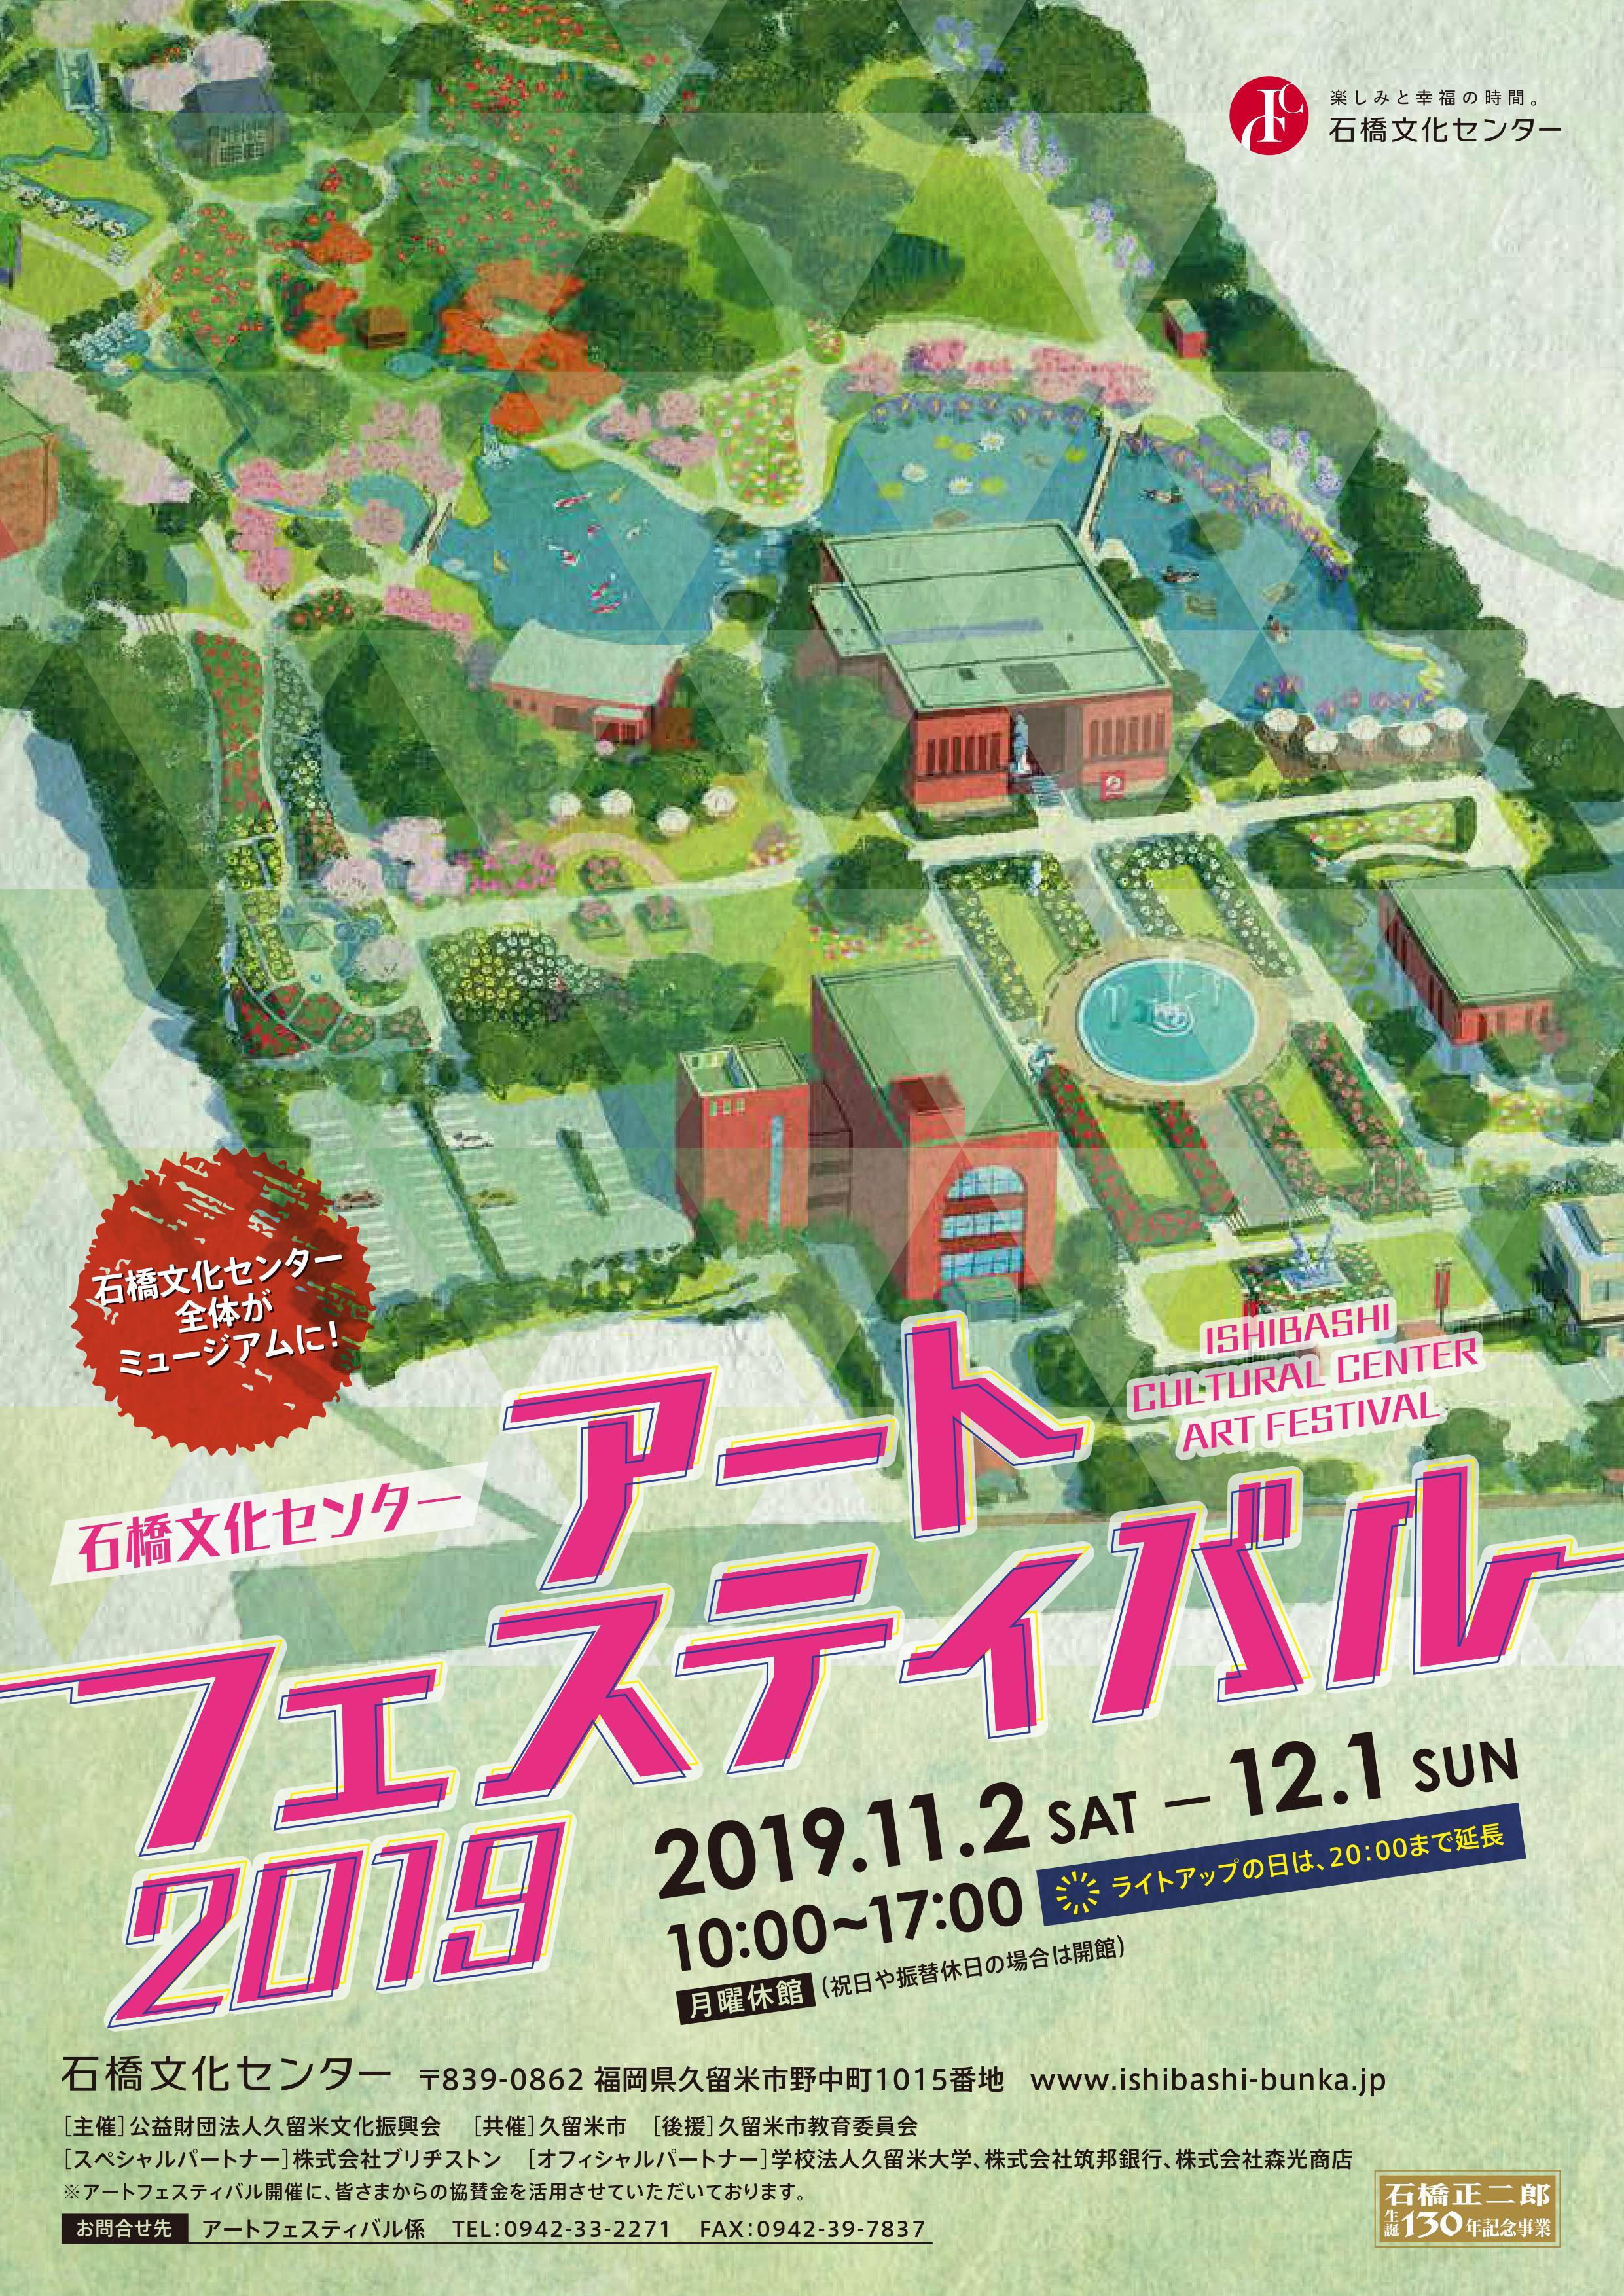 石橋文化センター アートフェスティバル2019